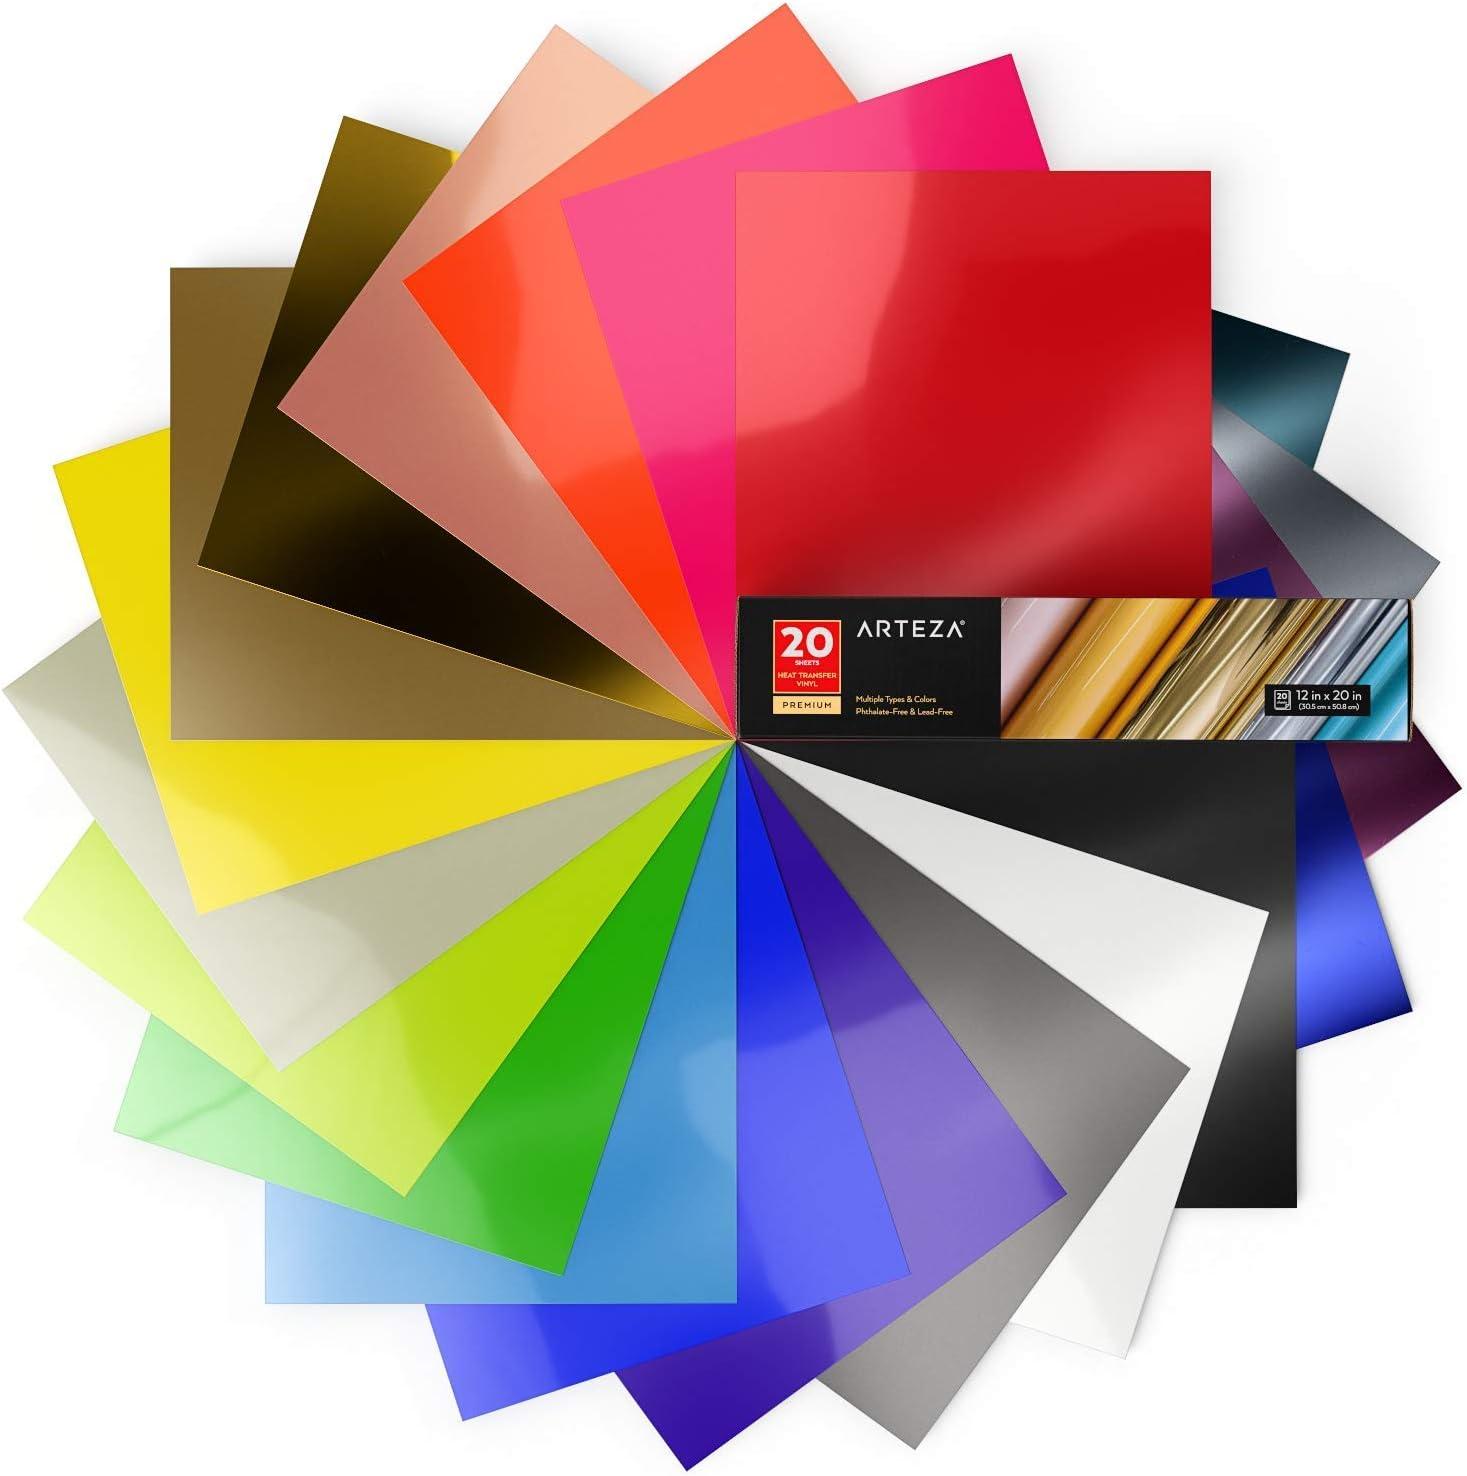 Arteza Vinilo textil termoadhesivo   30,5 x 30,8 cm   Caja de 20 hojas flexibles   Vinilo térmico resistente, fácil de pelar y sin tóxicos   Apto para cualquier máquina de corte   Colores surtidos